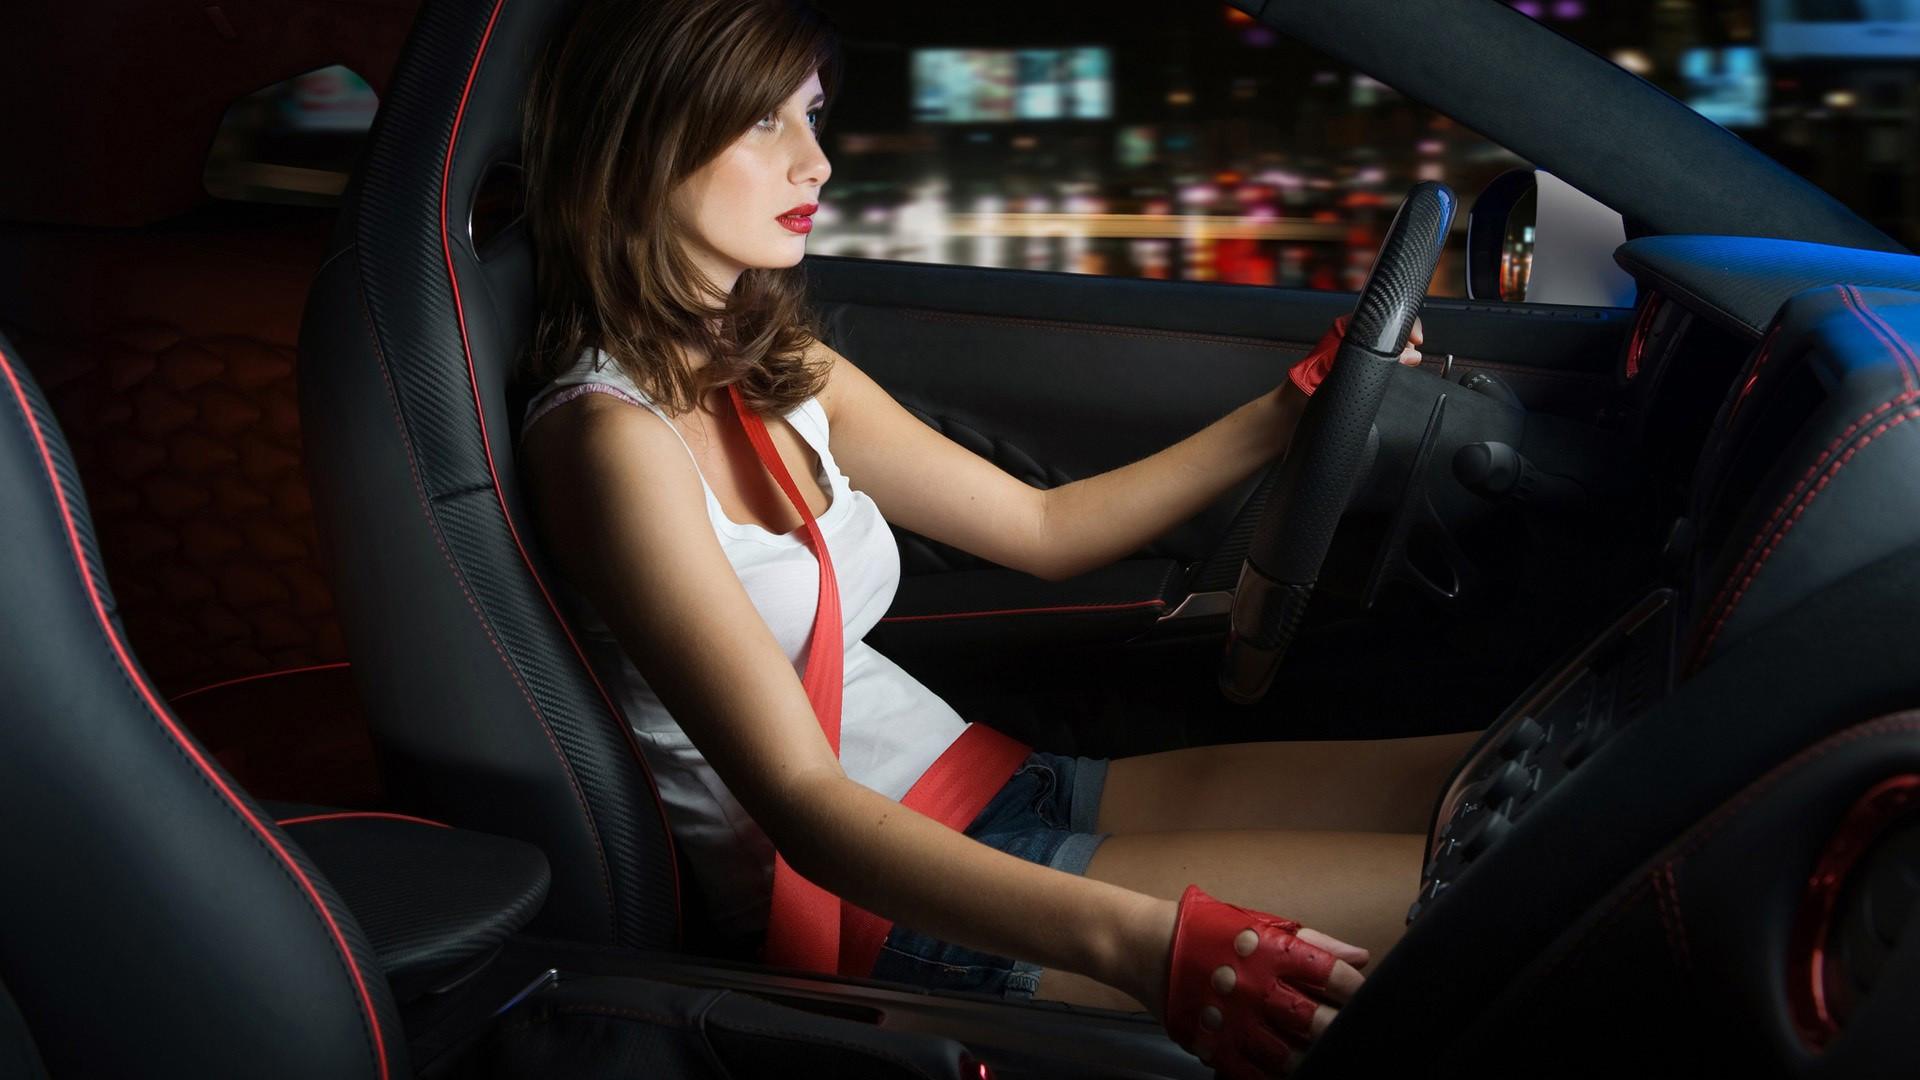 Девушка за рулем Nissan GTR смотреть